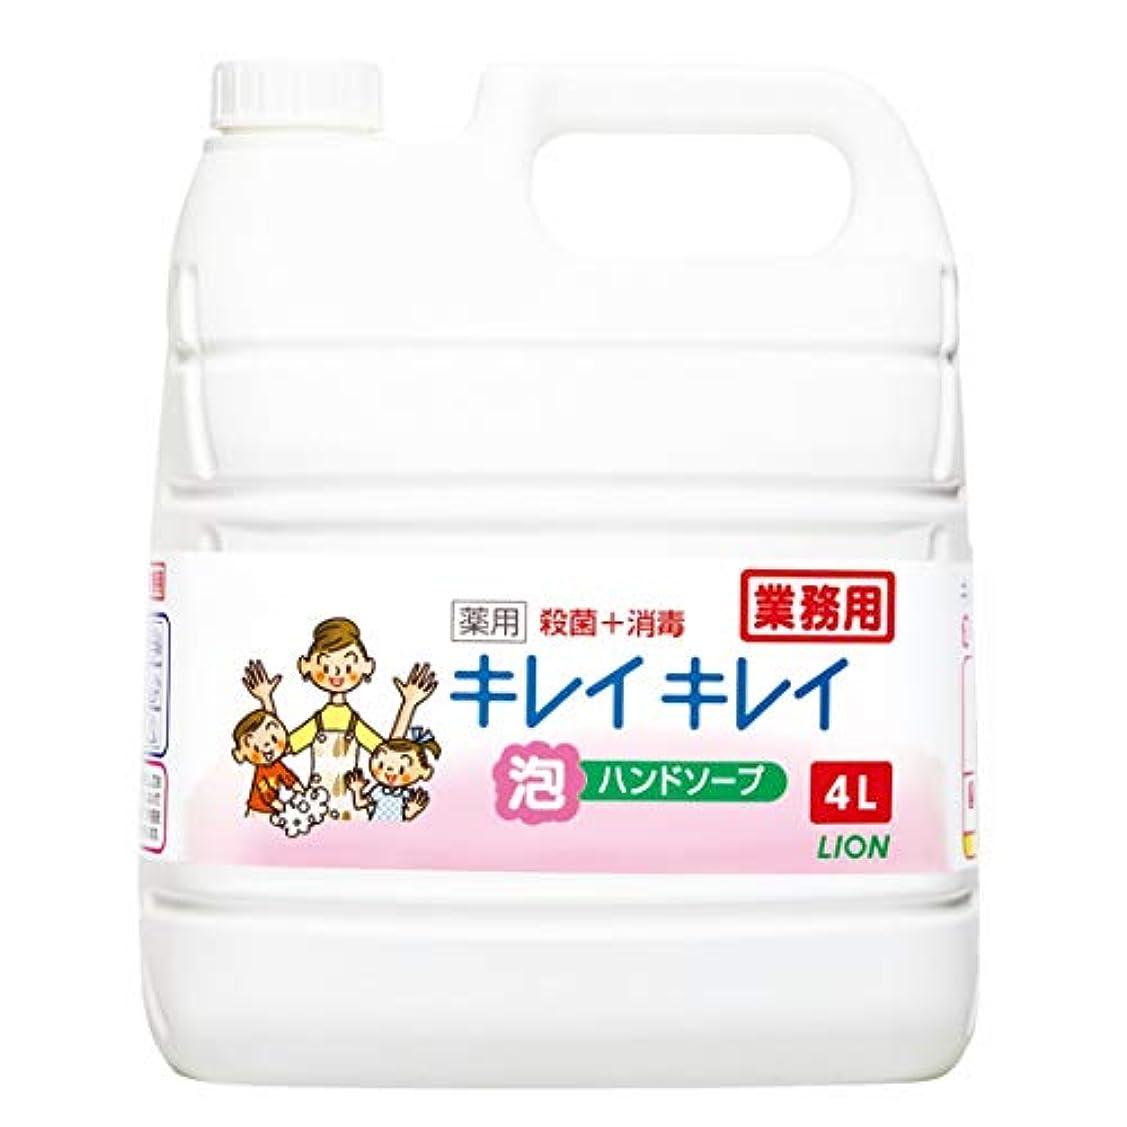 攻撃的トロリー順応性のある【業務用 大容量】キレイキレイ 薬用 泡ハンドソープ シトラスフルーティの香り 4L(医薬部外品)